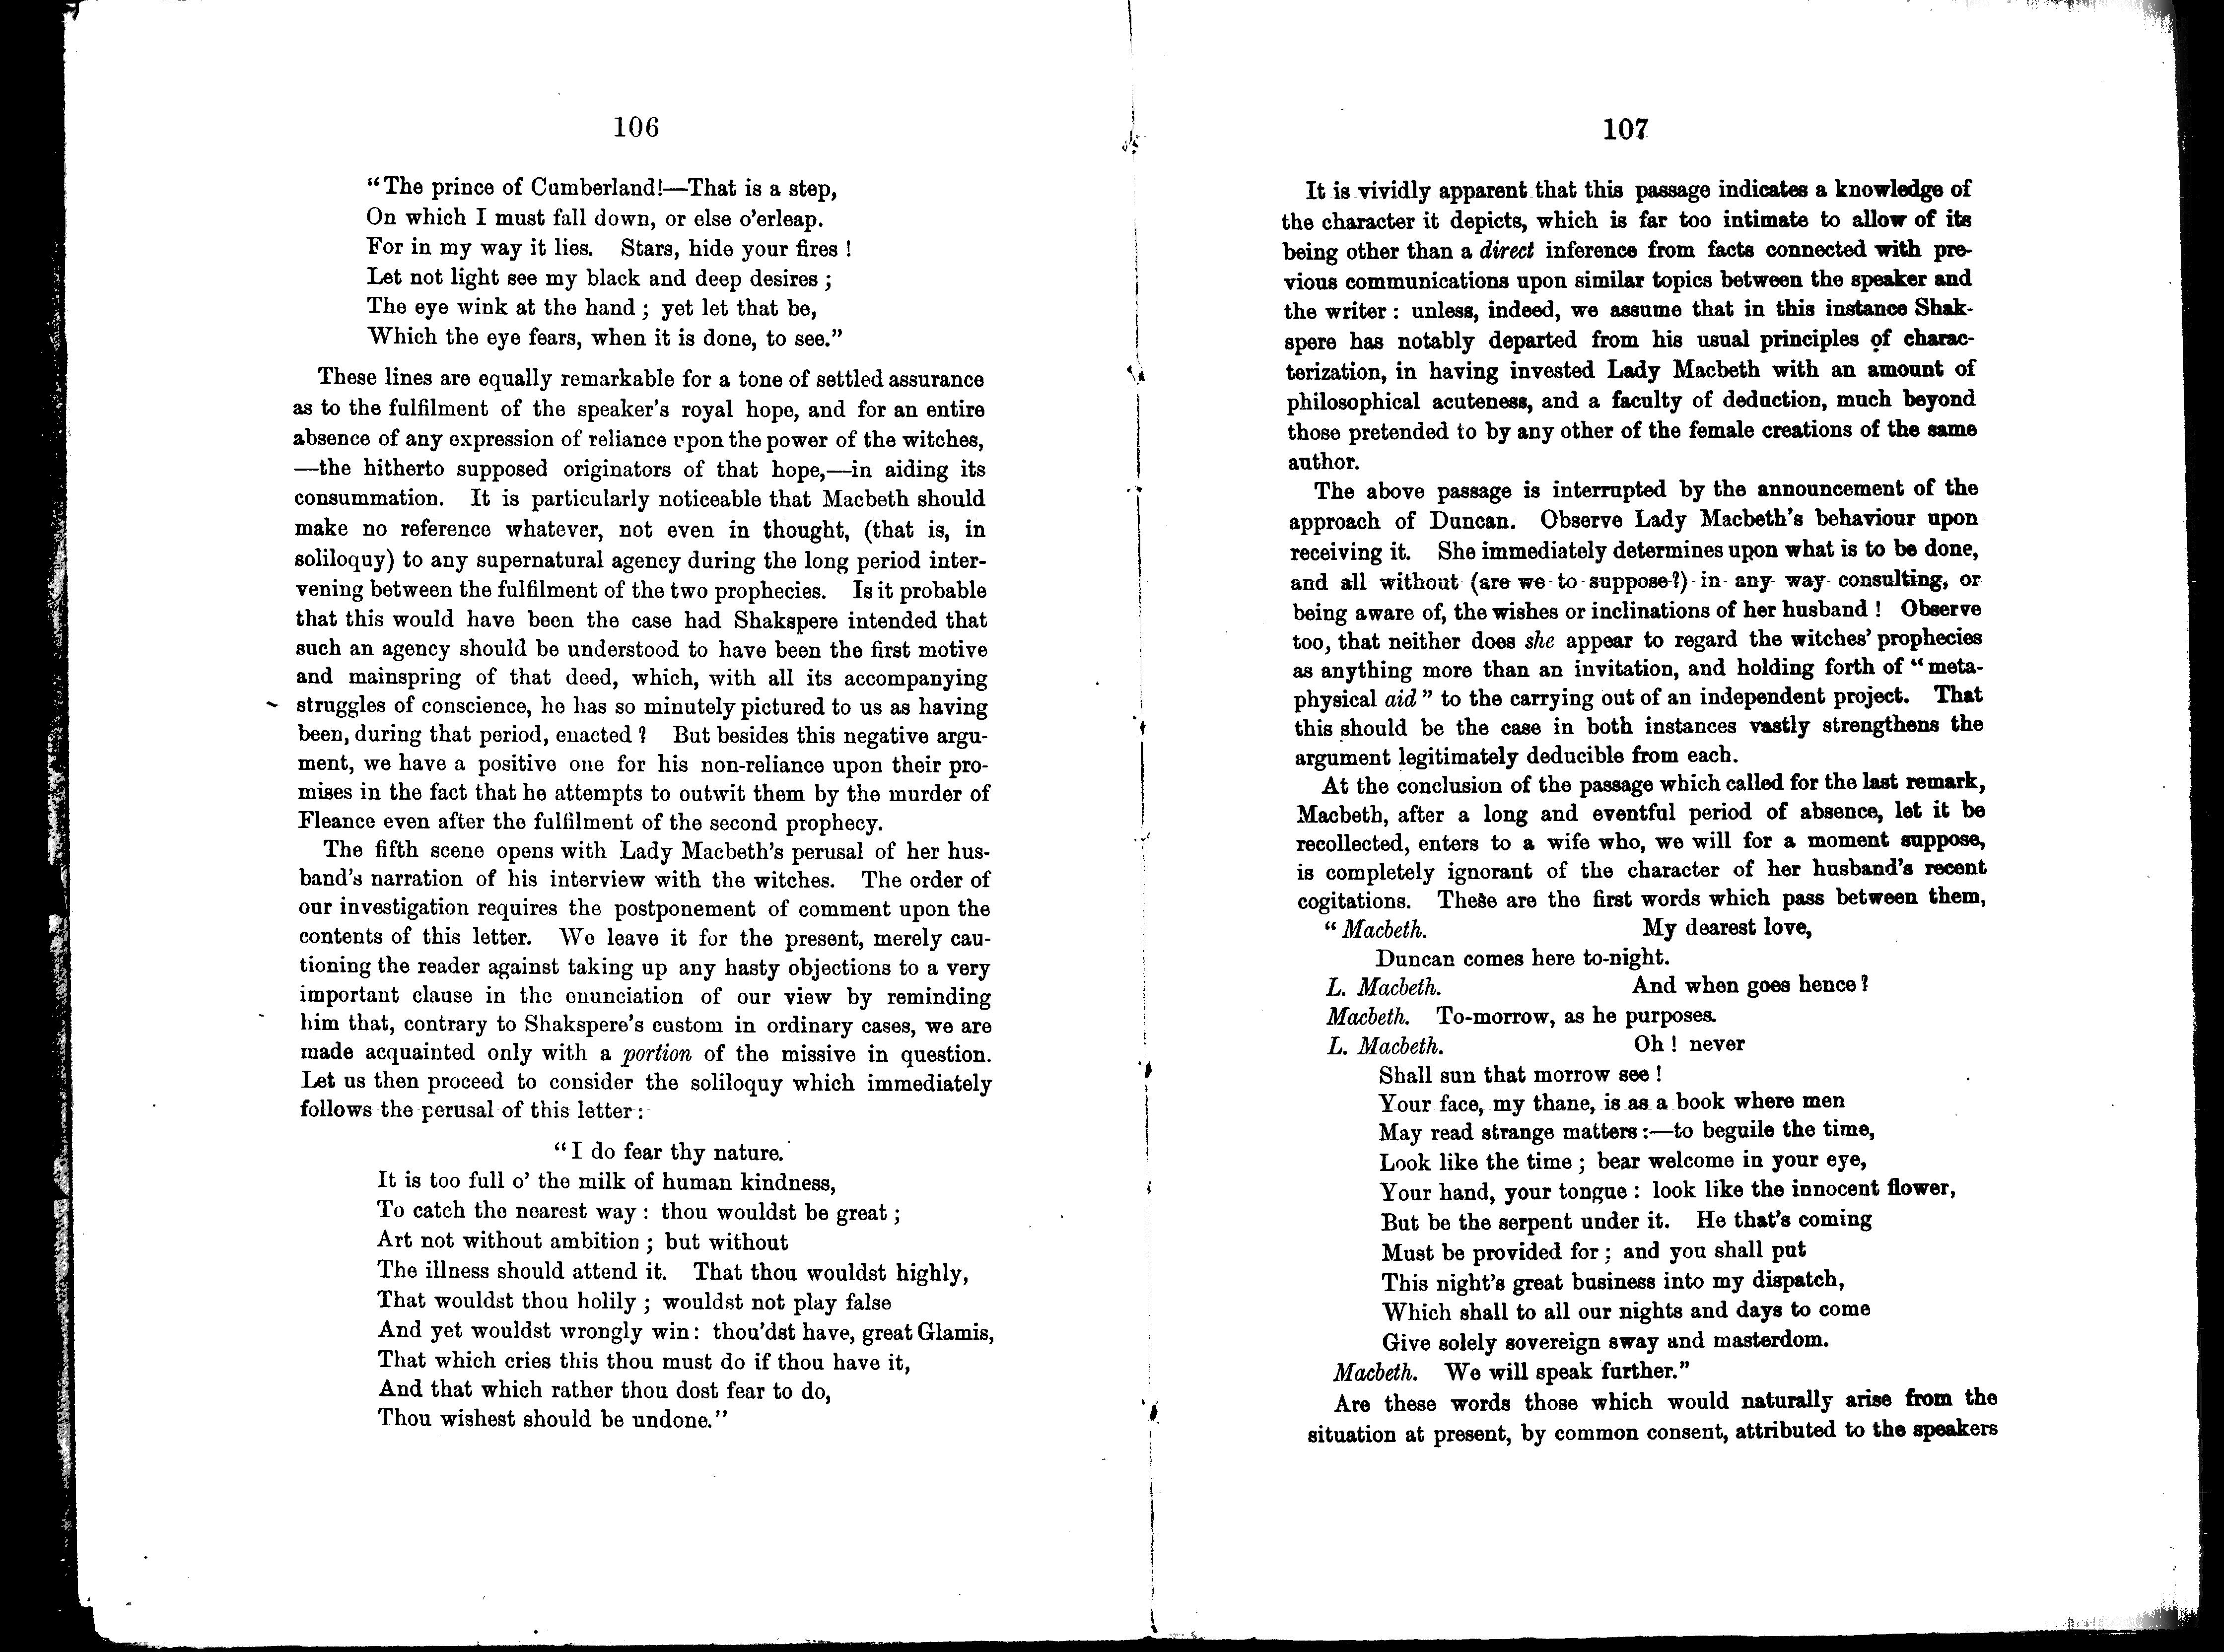 Rossetti archive textual transcription